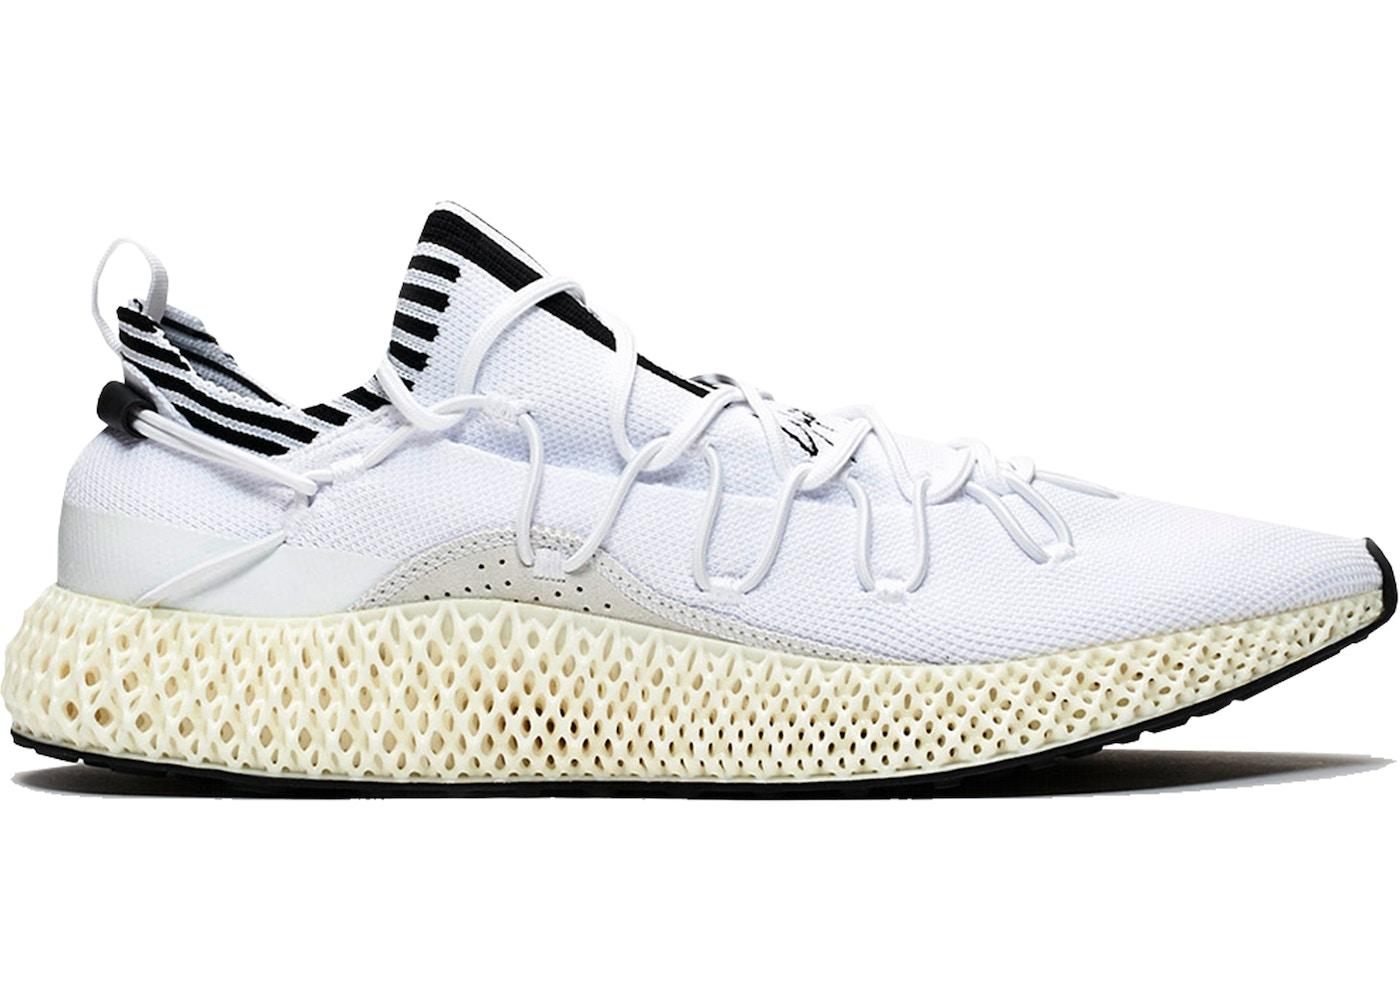 wholesale dealer 7bd33 f1527 adidas Y-3 Runner 4D II White Black - EF0902